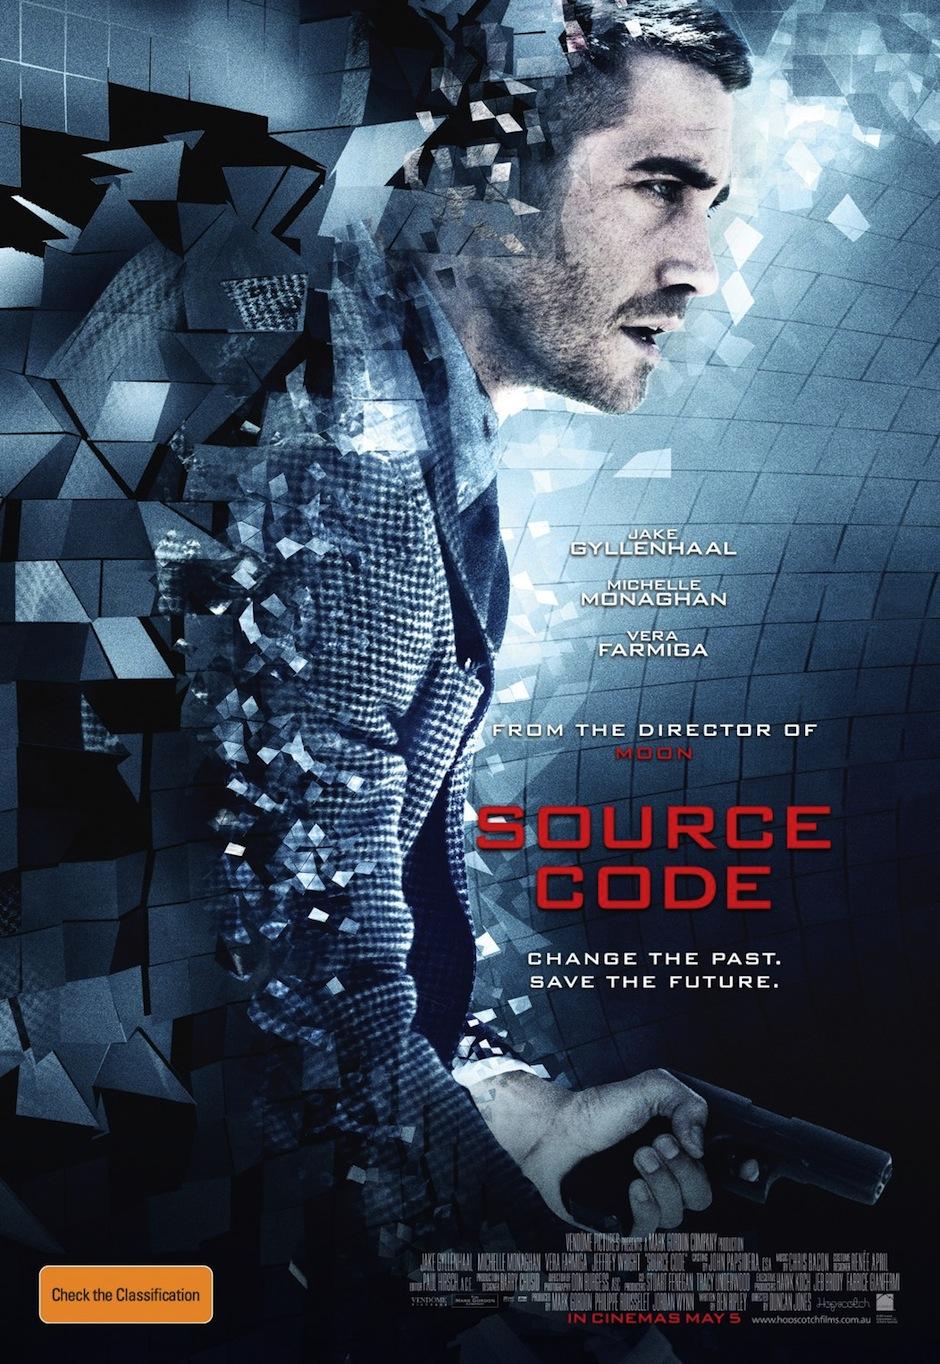 http://2.bp.blogspot.com/-mgAGbK1j3JU/Tb1PUYA6XqI/AAAAAAAAAmM/JT3AR4ckXek/s1600/Source+Code+2011.jpg